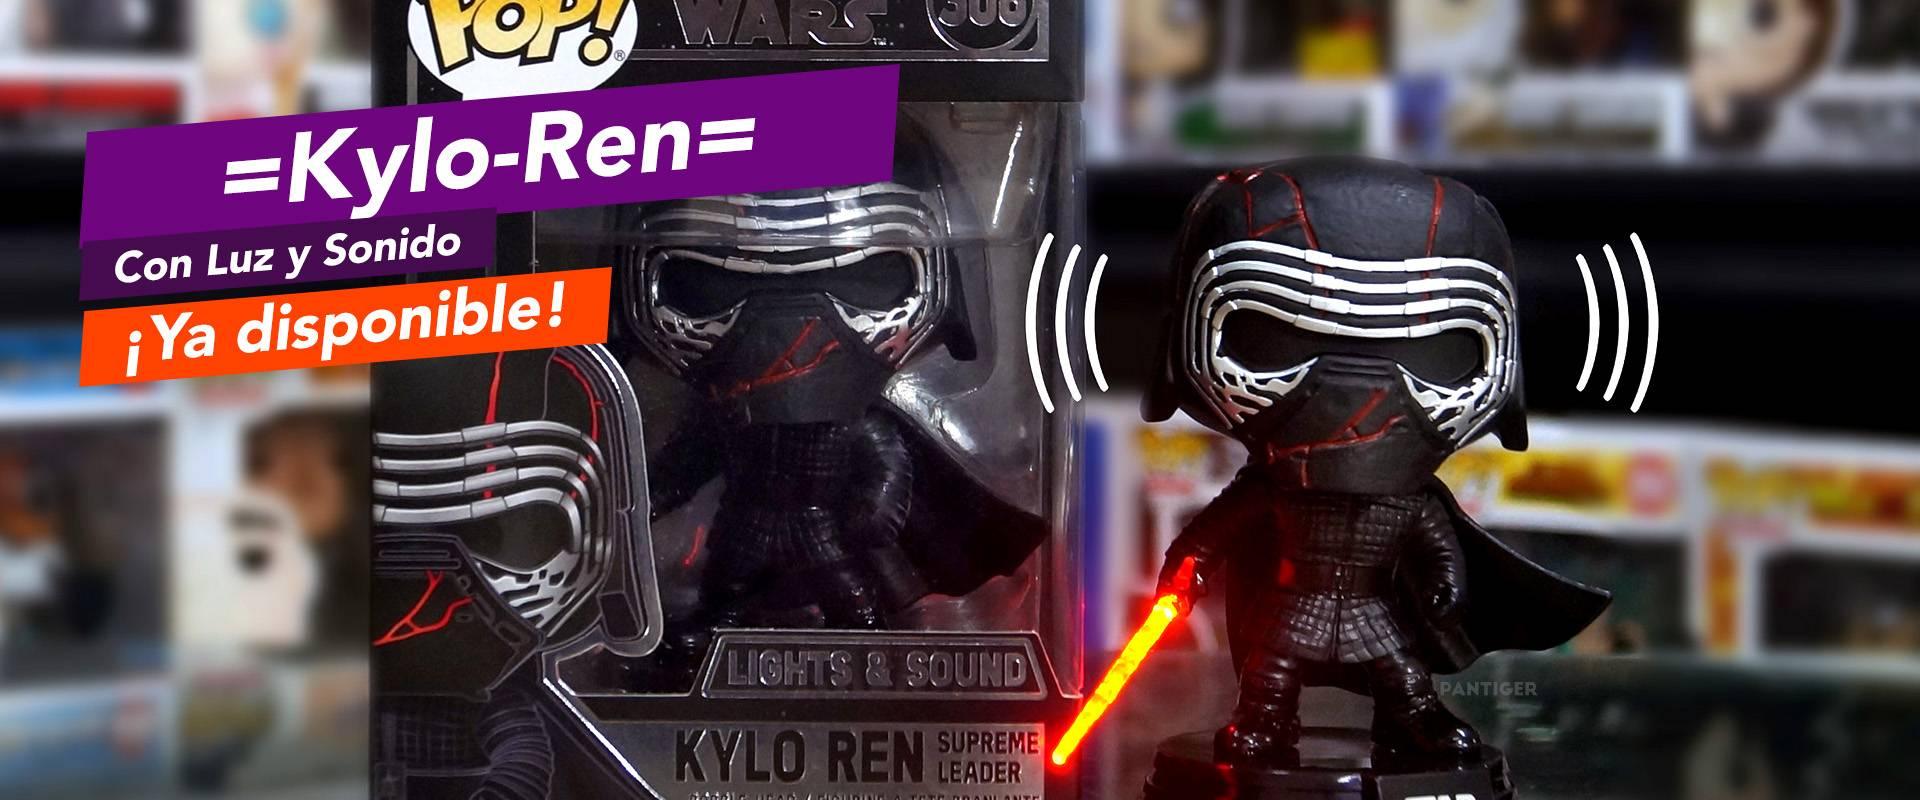 Kylo-Ren con Luz y sonido.